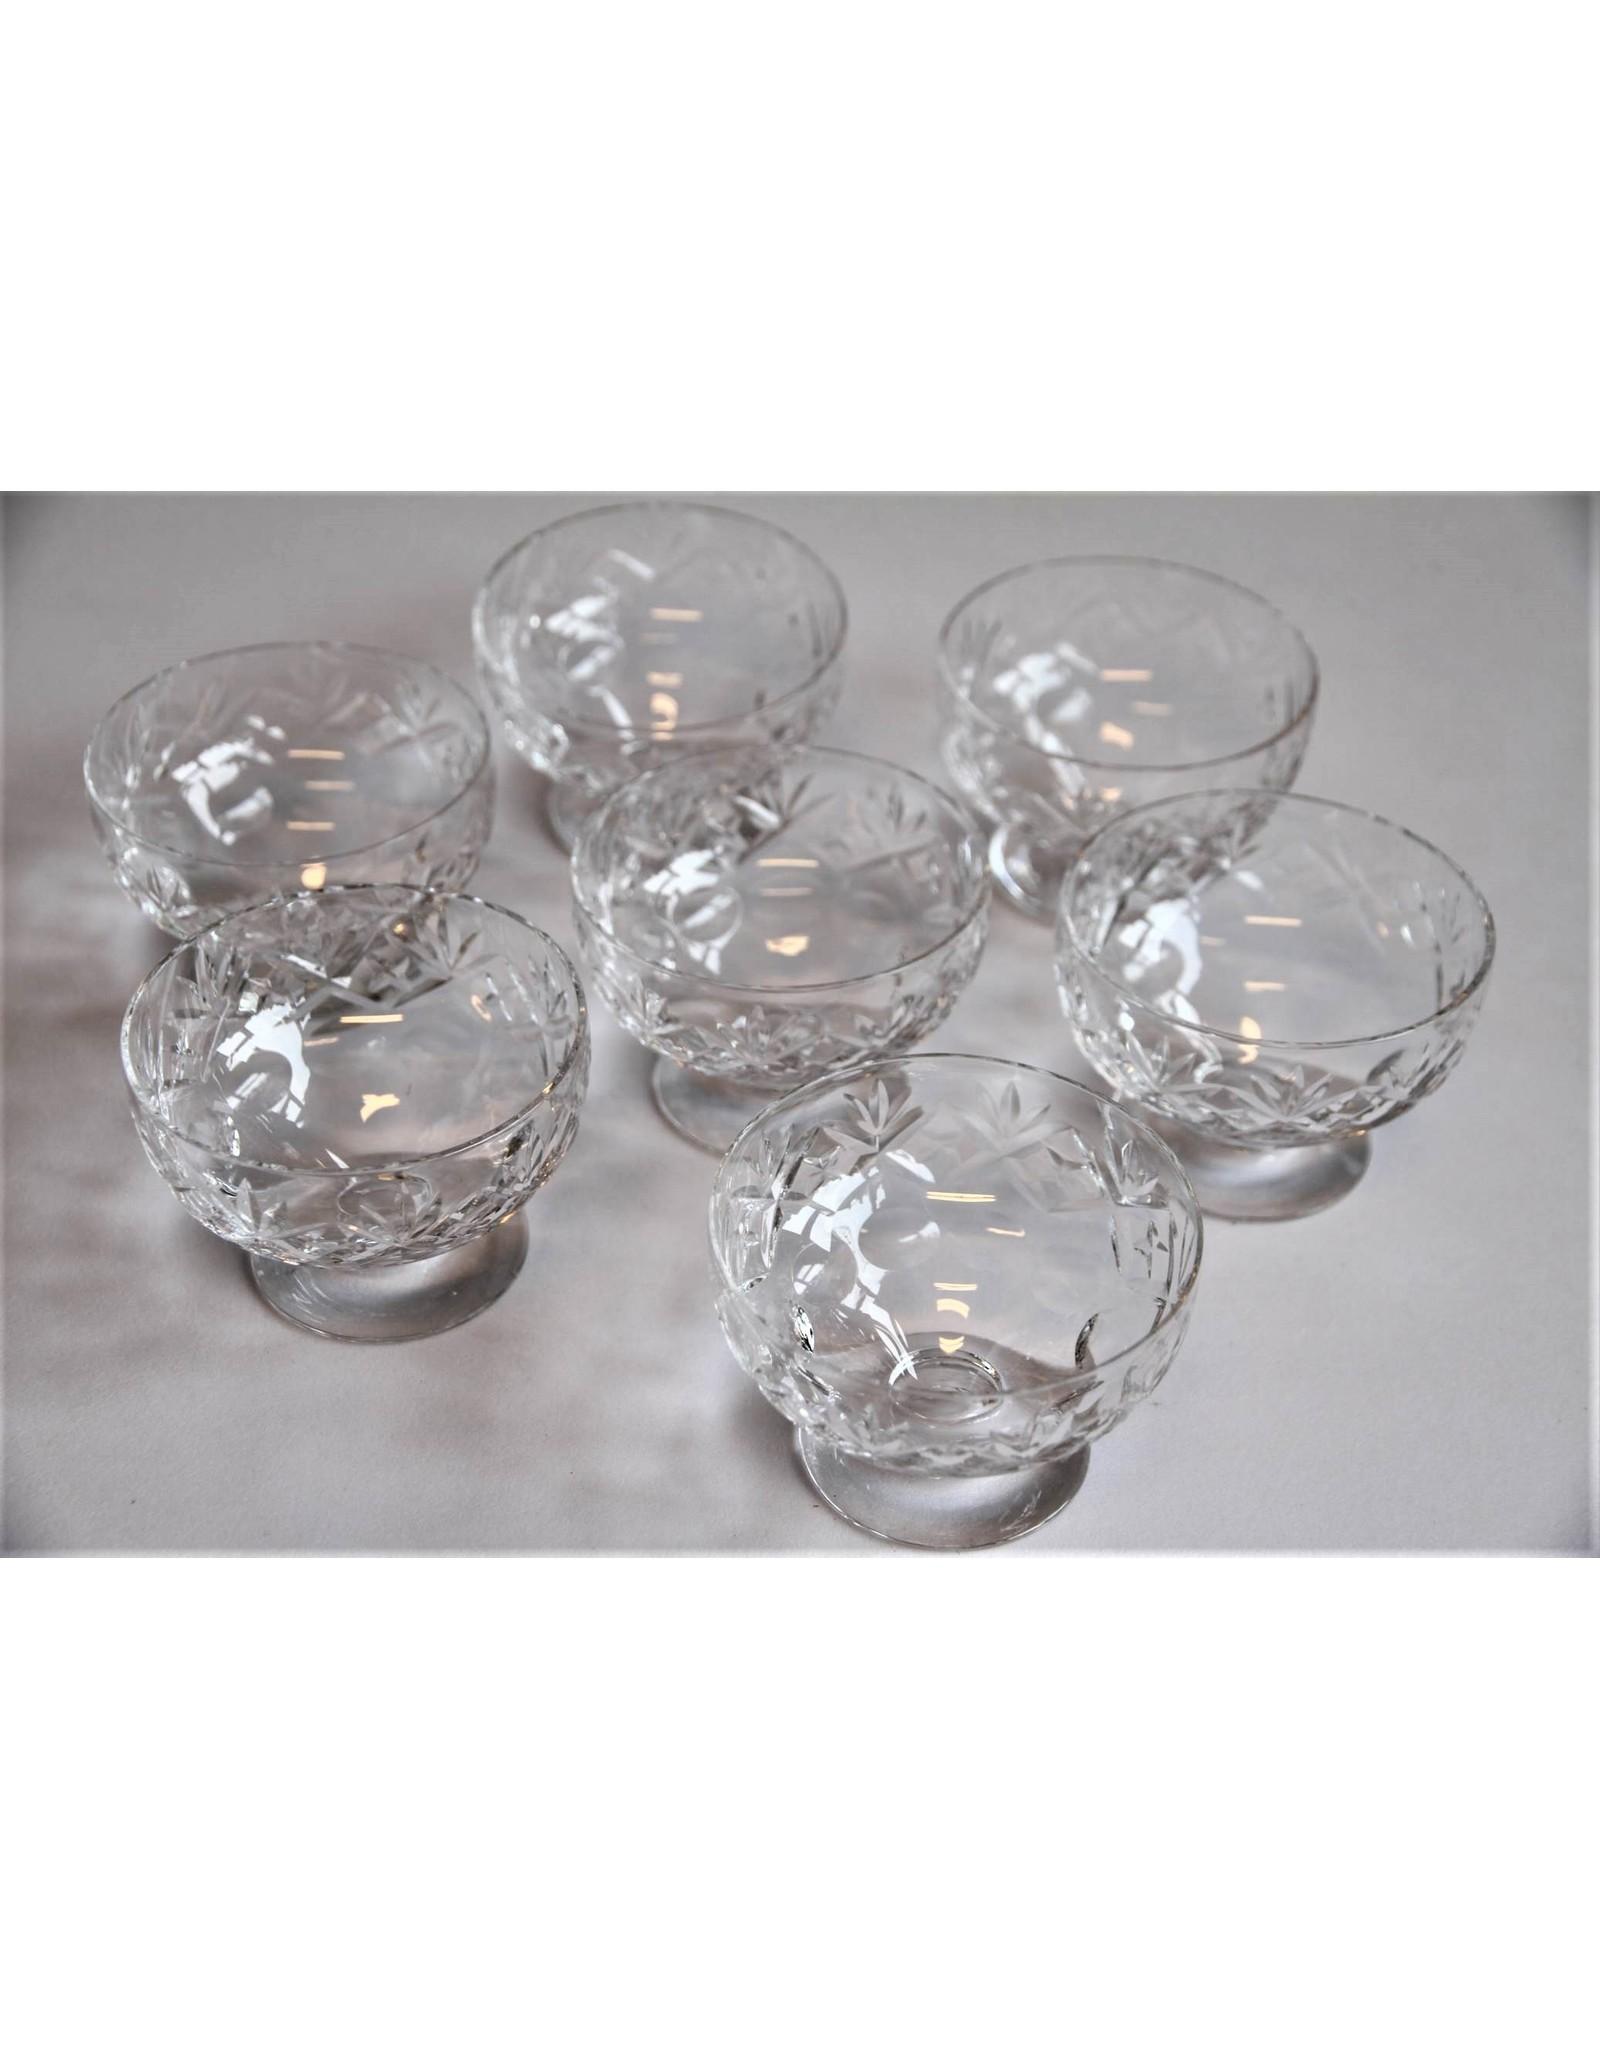 Bowls - seven crystal dessert bowls